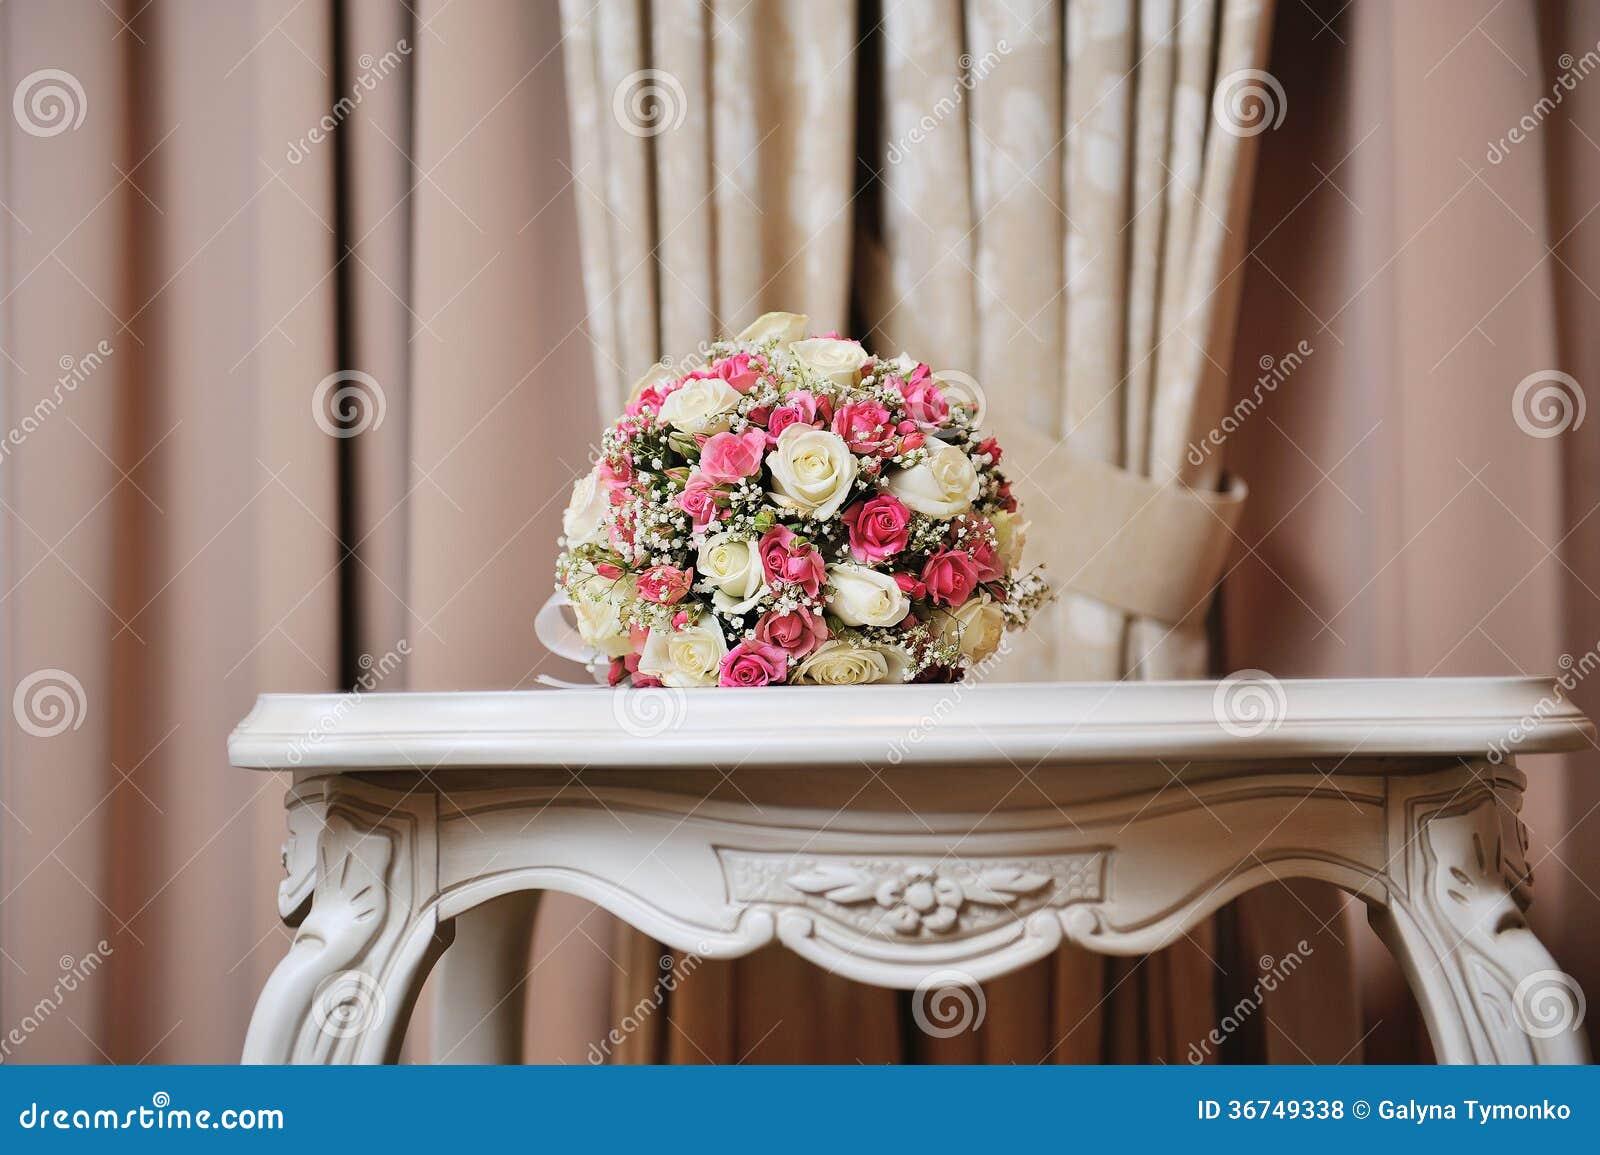 Hochzeitsblumenstrauss Der Braut Bunte Blumen Rosa Weisse Rosen